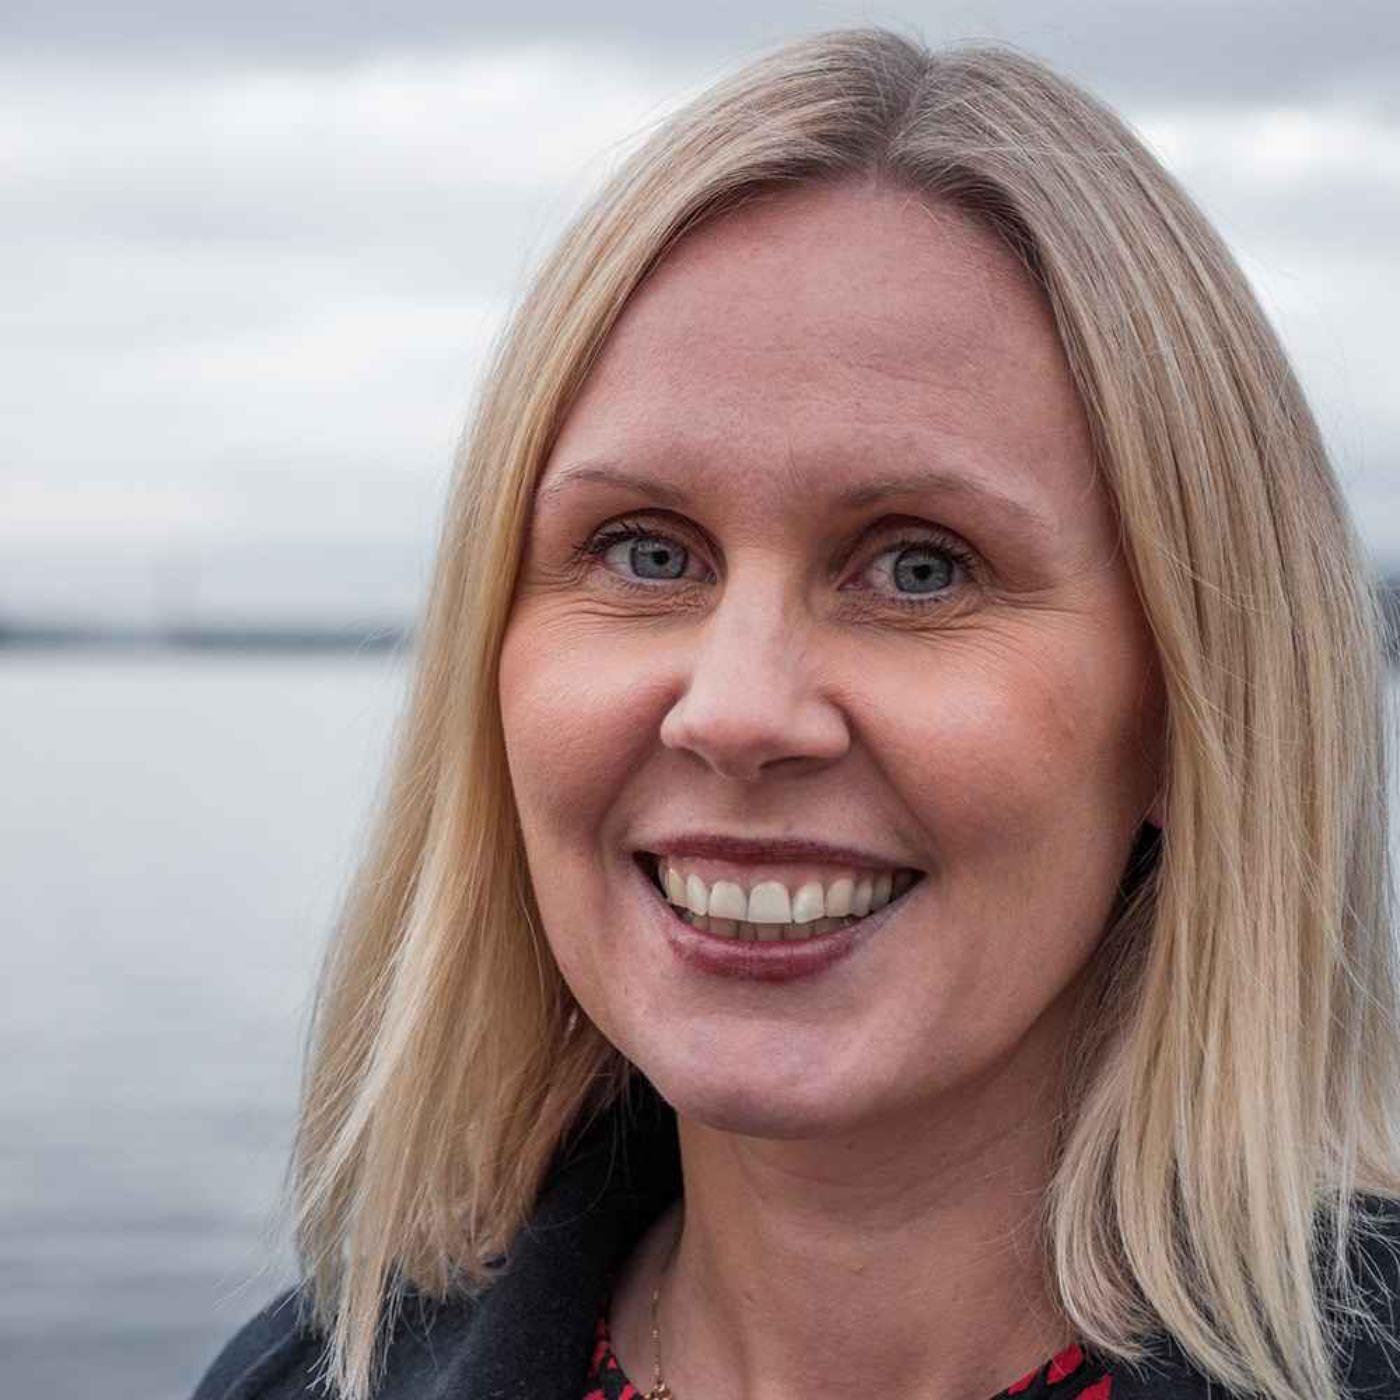 Katarina Lindøen-Kjellnes er Statsautorisert revisor og Career coach. Rollene balanserer hun utmerket, og er nå tatt opp som ny partner i PwC